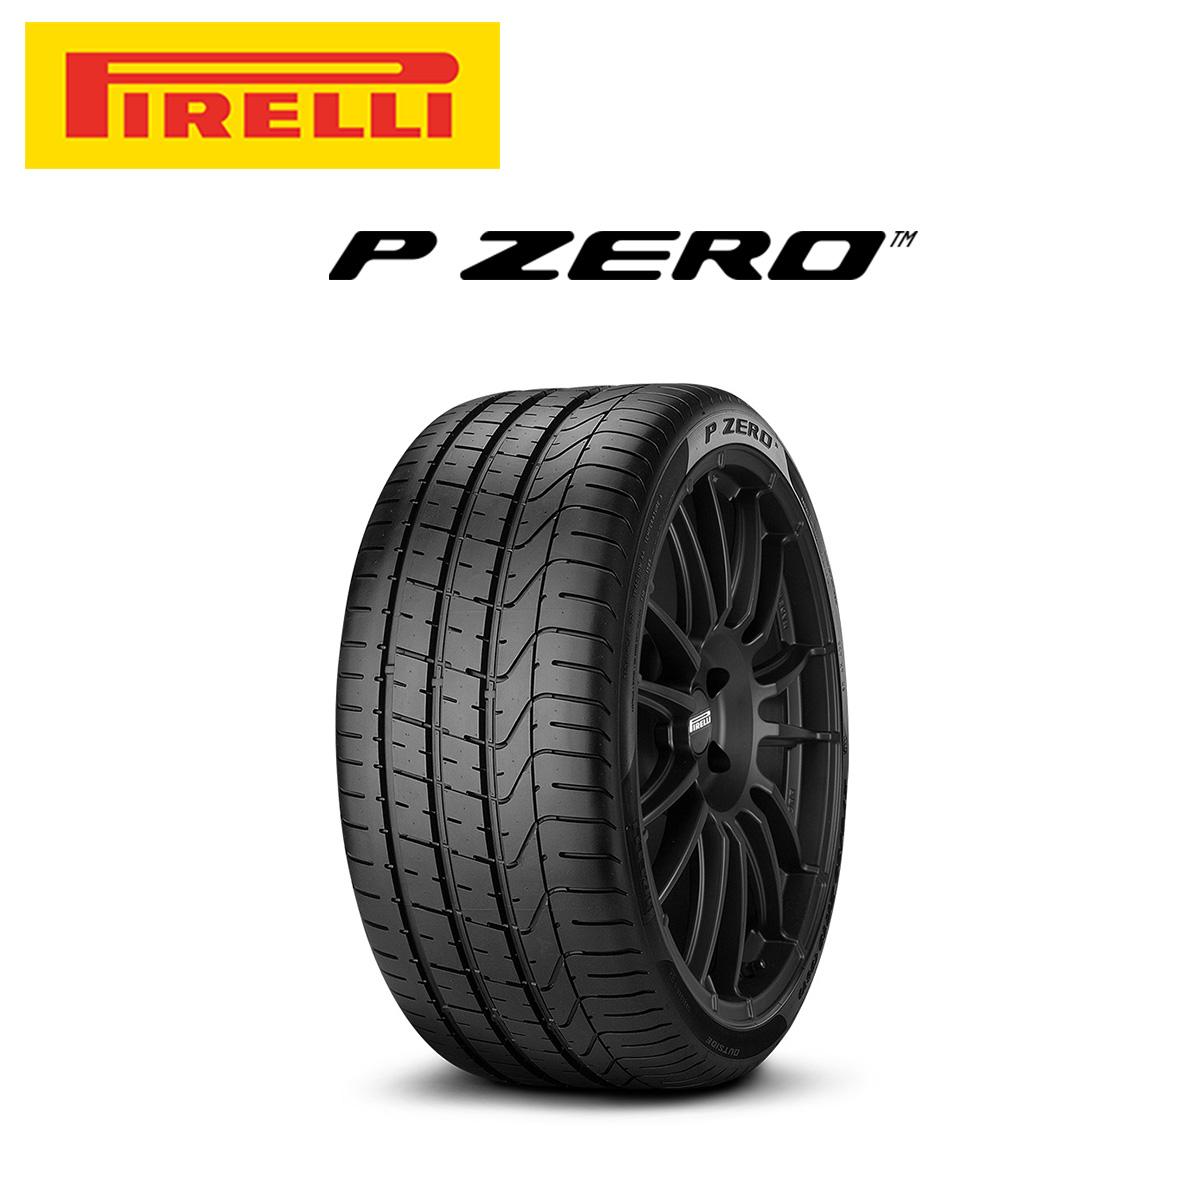 ピレリ PIRELLI P ZERO ピーゼロ 20インチ サマー タイヤ 4本 セット 305/30ZR20 103Y XL N1:ポルシェ承認タイヤ 2617500